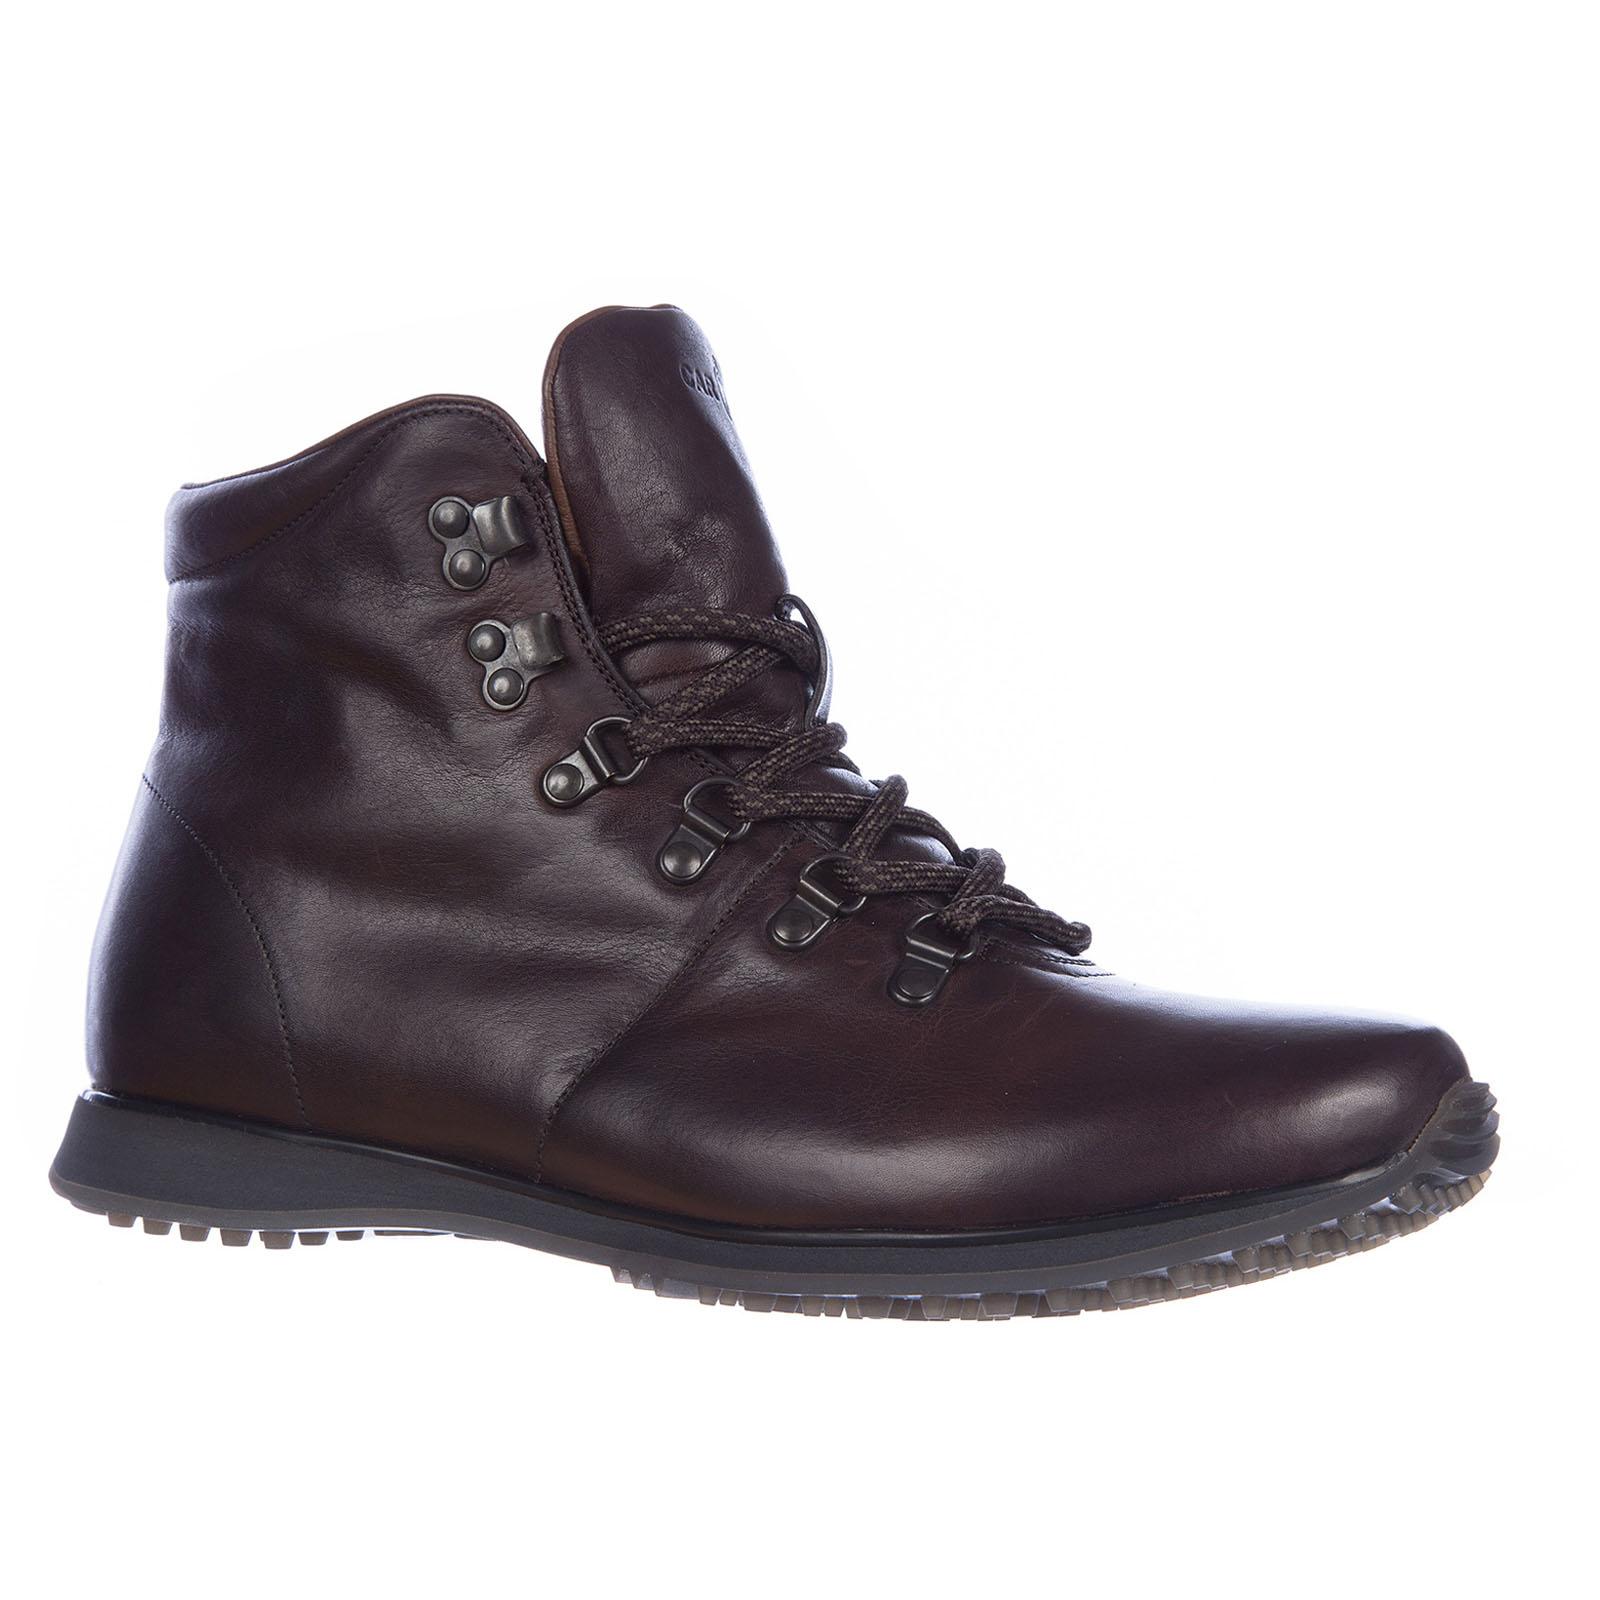 Leder stiefeletten boots herren